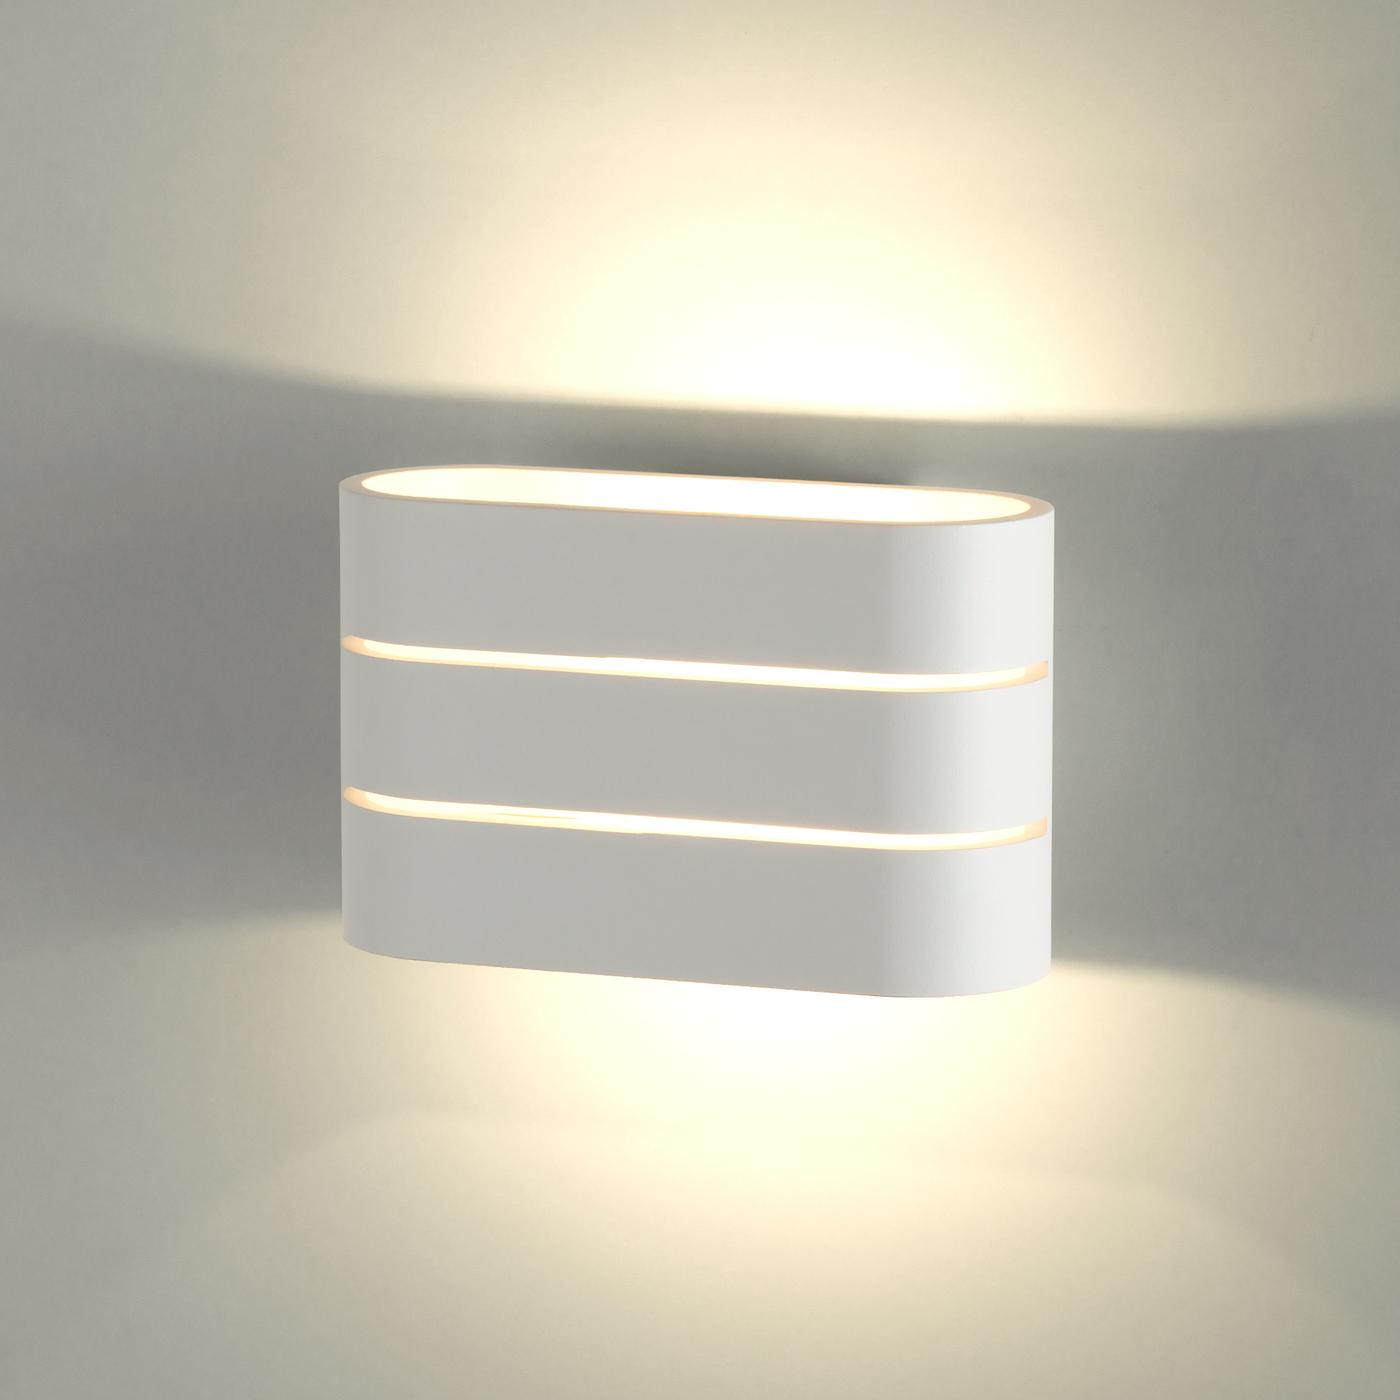 Настенный светильник Elektrostandard Light Line светодиодный MRL LED 1248, 7 Вт elektrostandard настенный светильник elektrostandard inside led белый матовый mrl led 12w